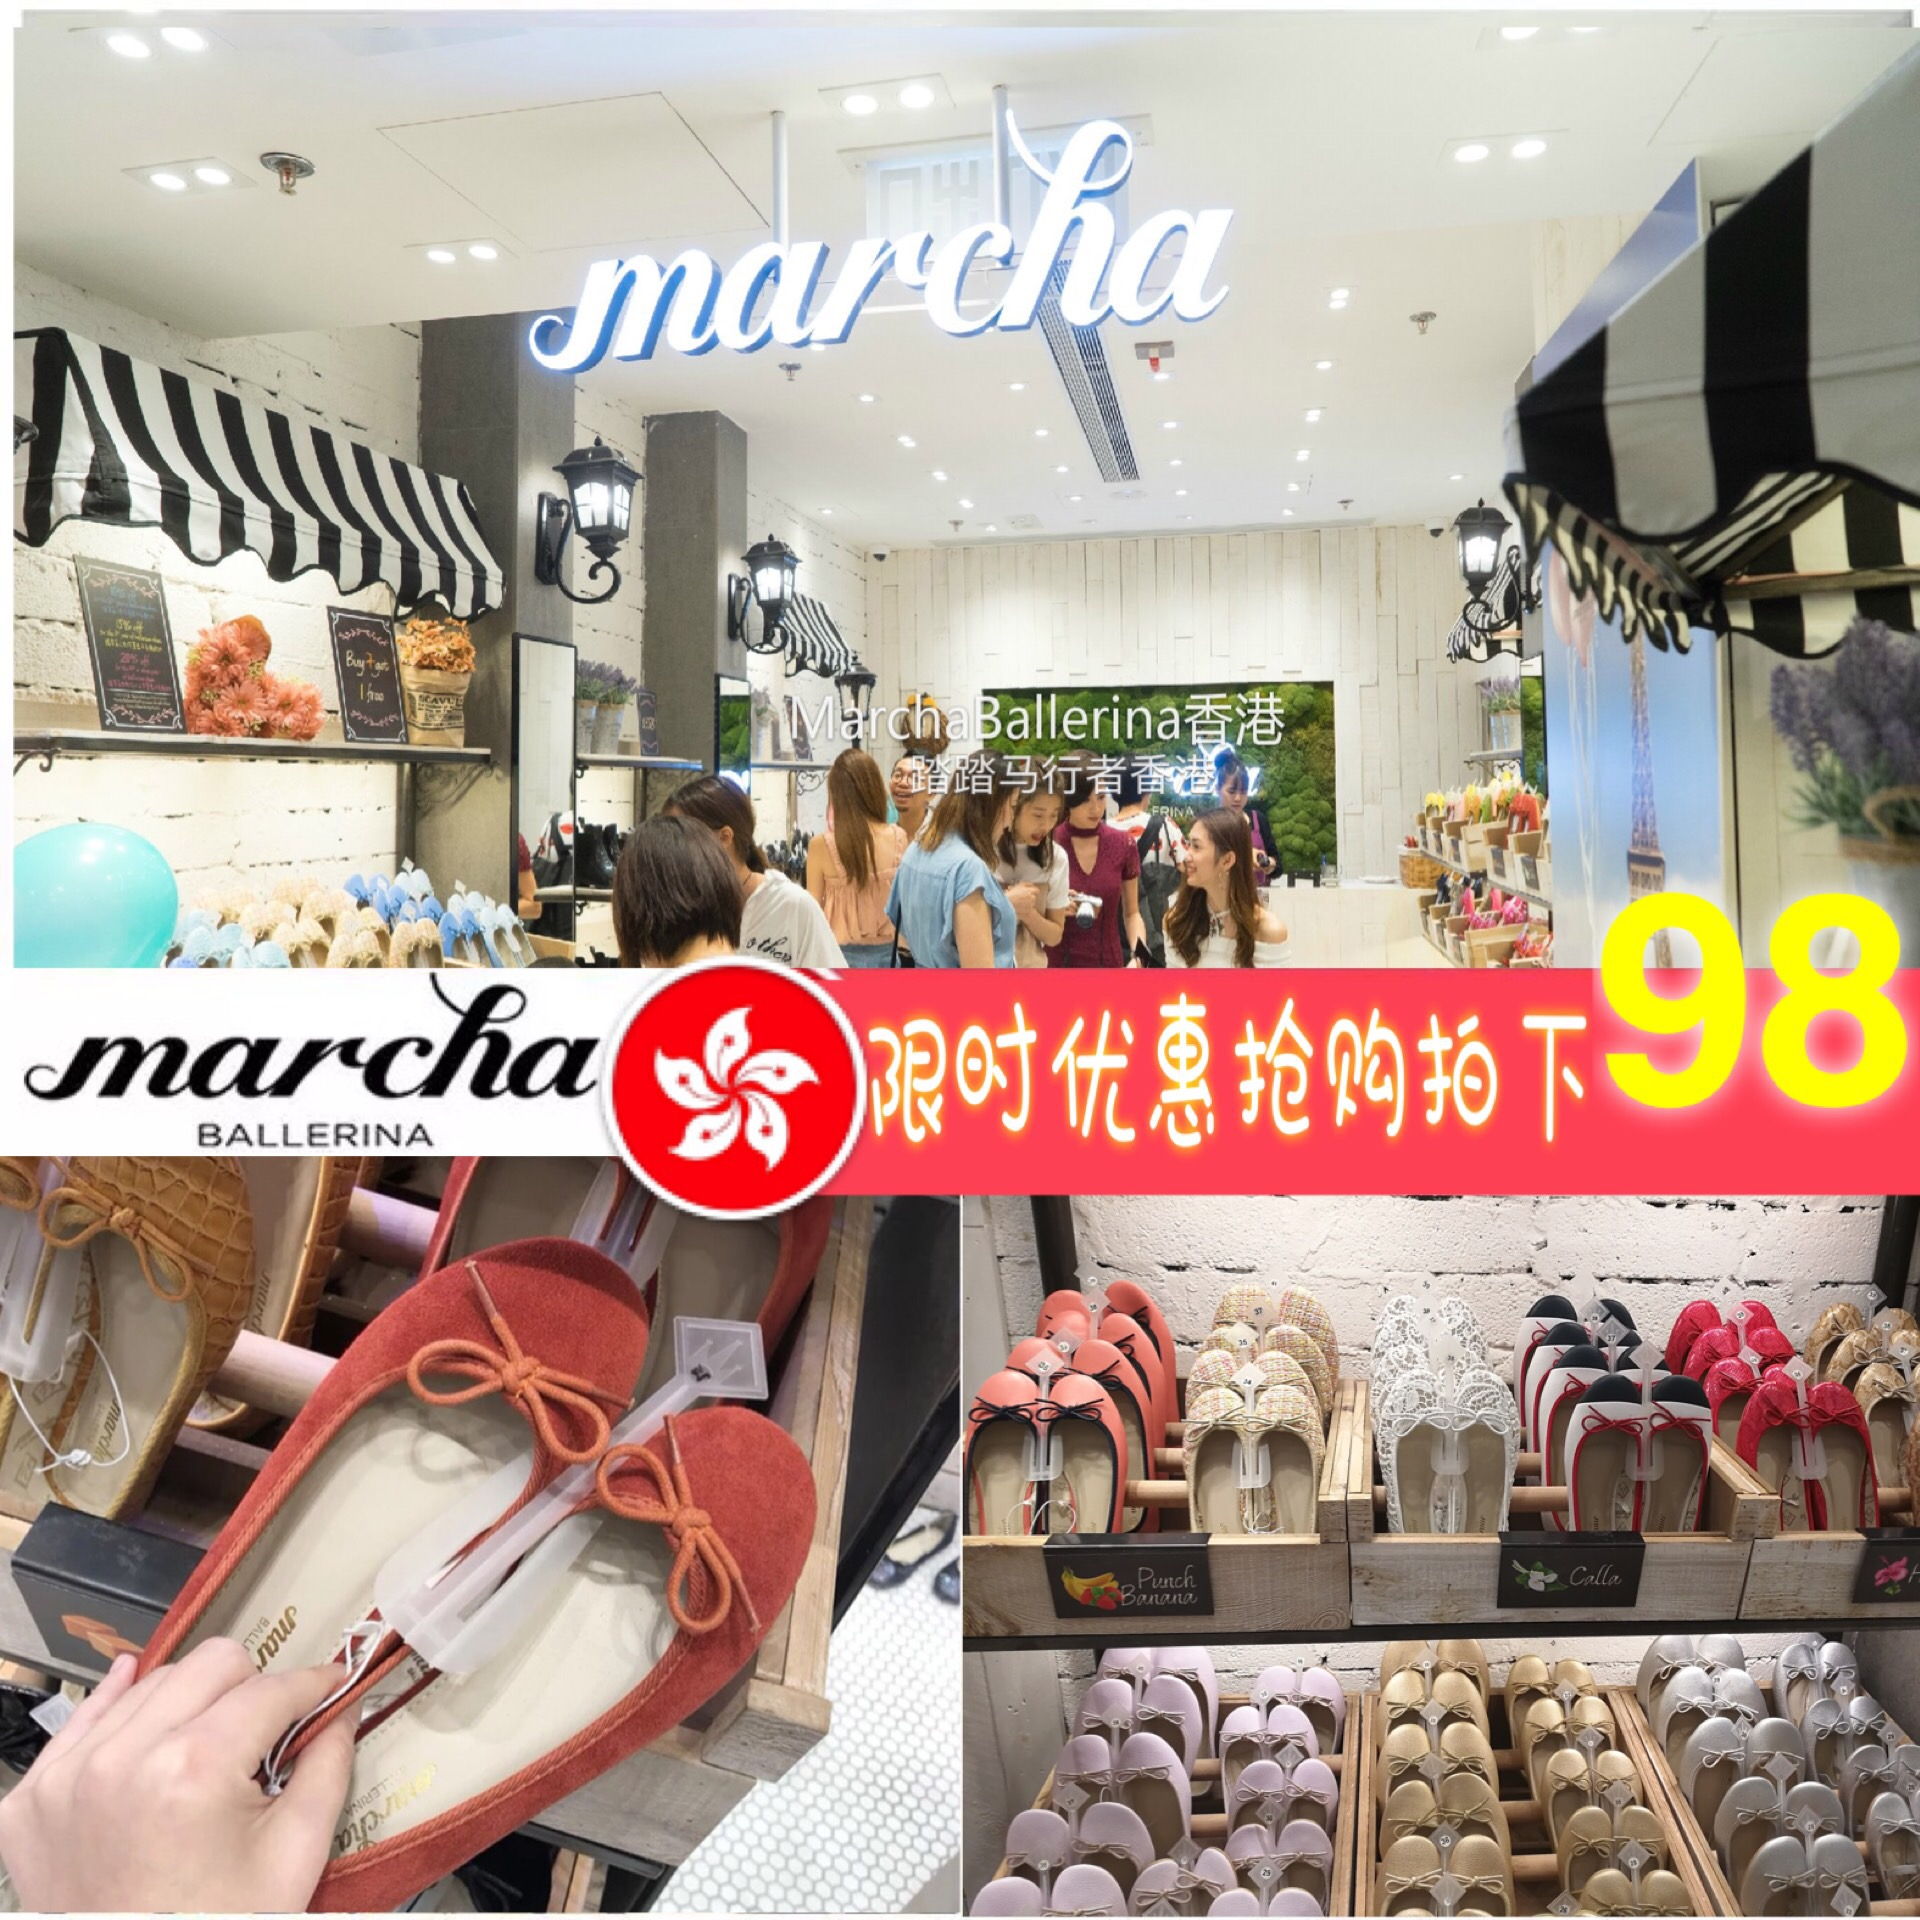 香港专柜代marcha新款芭蕾舞鞋平底女单鞋蝴蝶结圆头浅口瓢鞋百搭